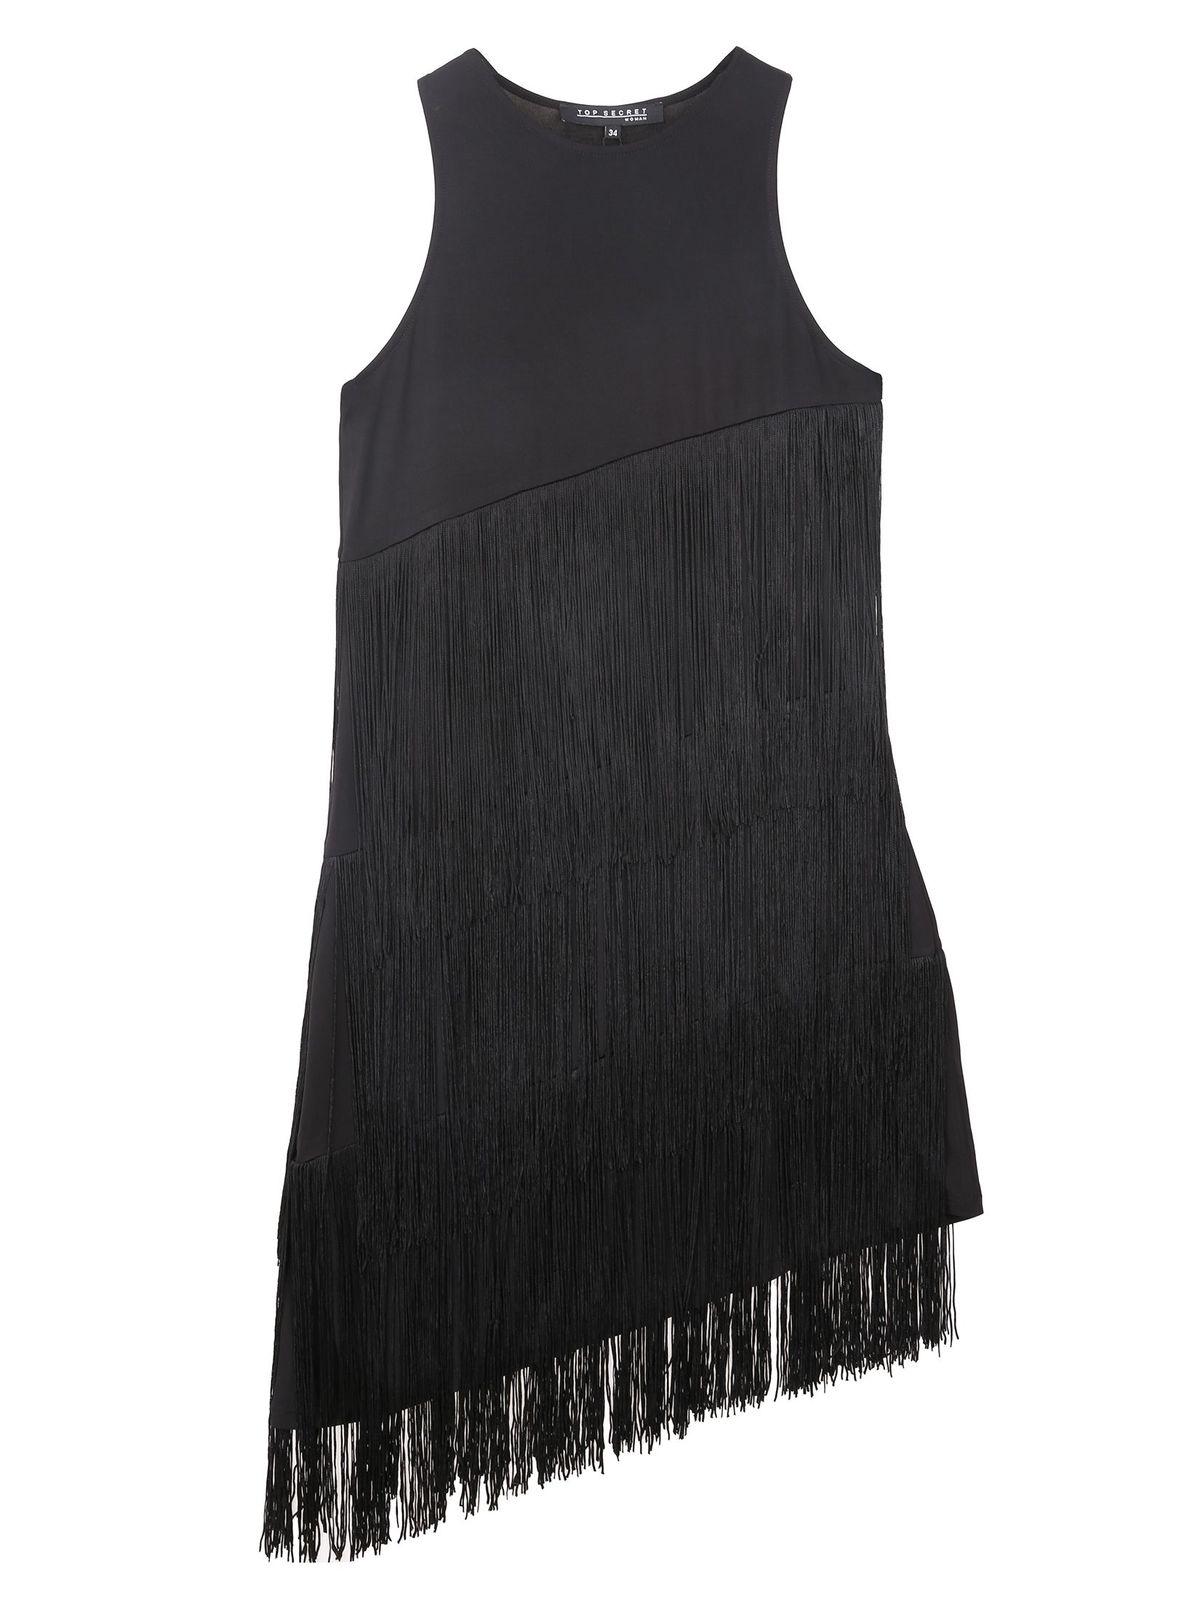 b7903dc882e Γυναικεία Ρούχα, Γυναικεία Φορέματα